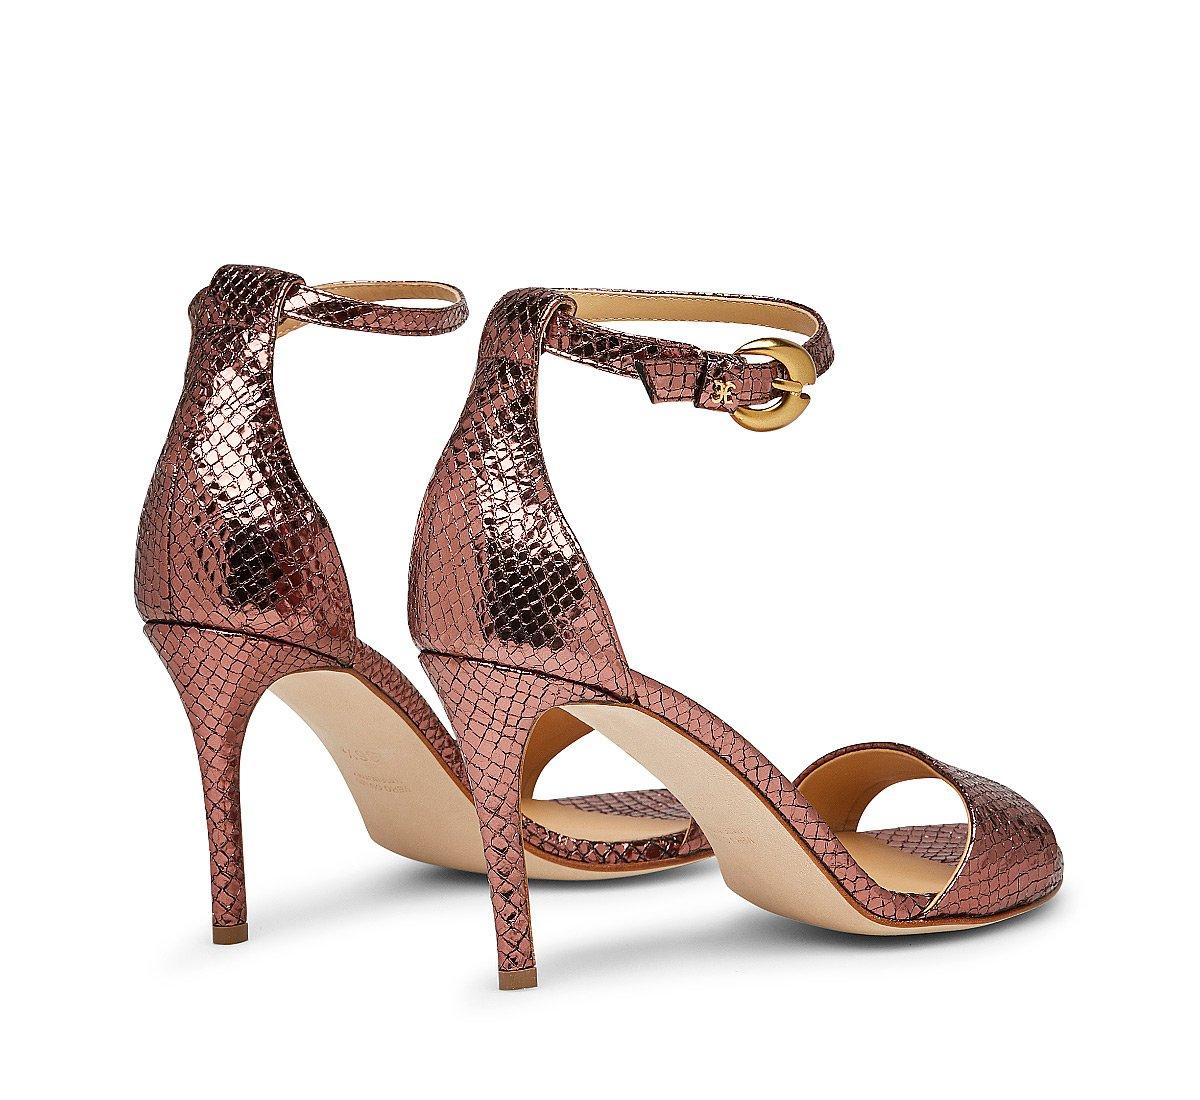 Printed calfskin sandals